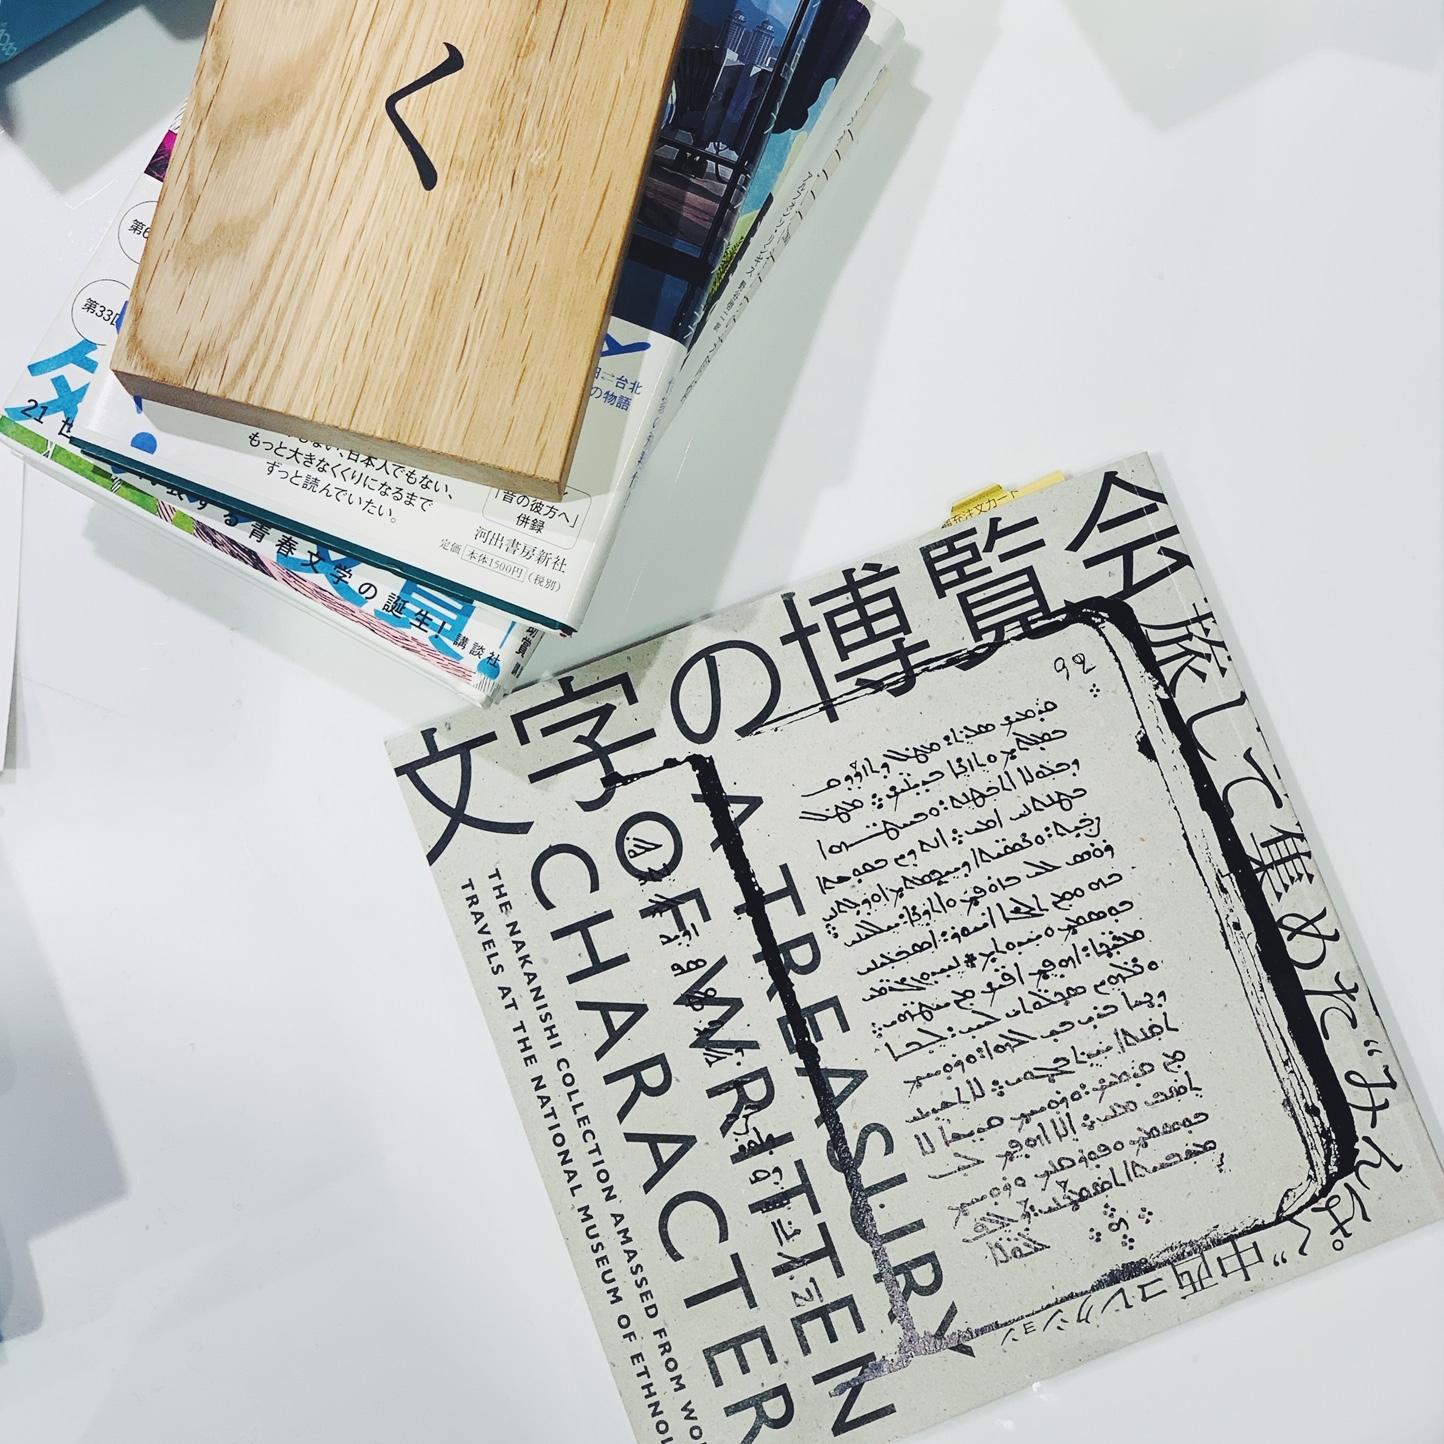 西尾哲夫ほか『文字の博覧会』(LIXIL出版)